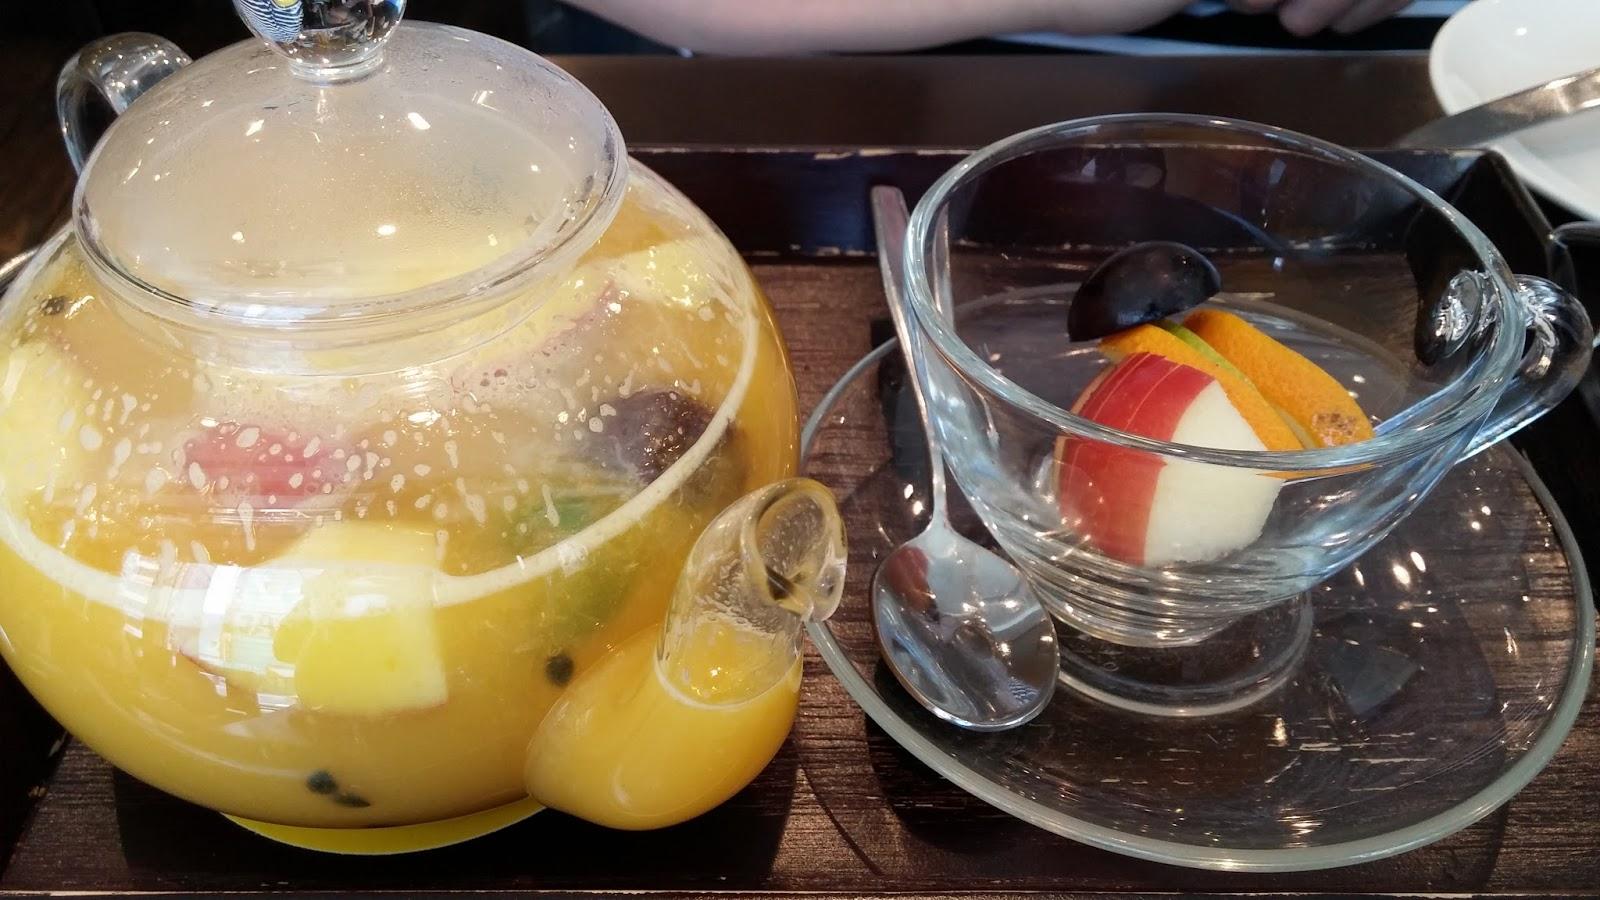 Clara的玩樂速寫誌: 臺北自由行(五):咖啡弄的水果茶令人超回味